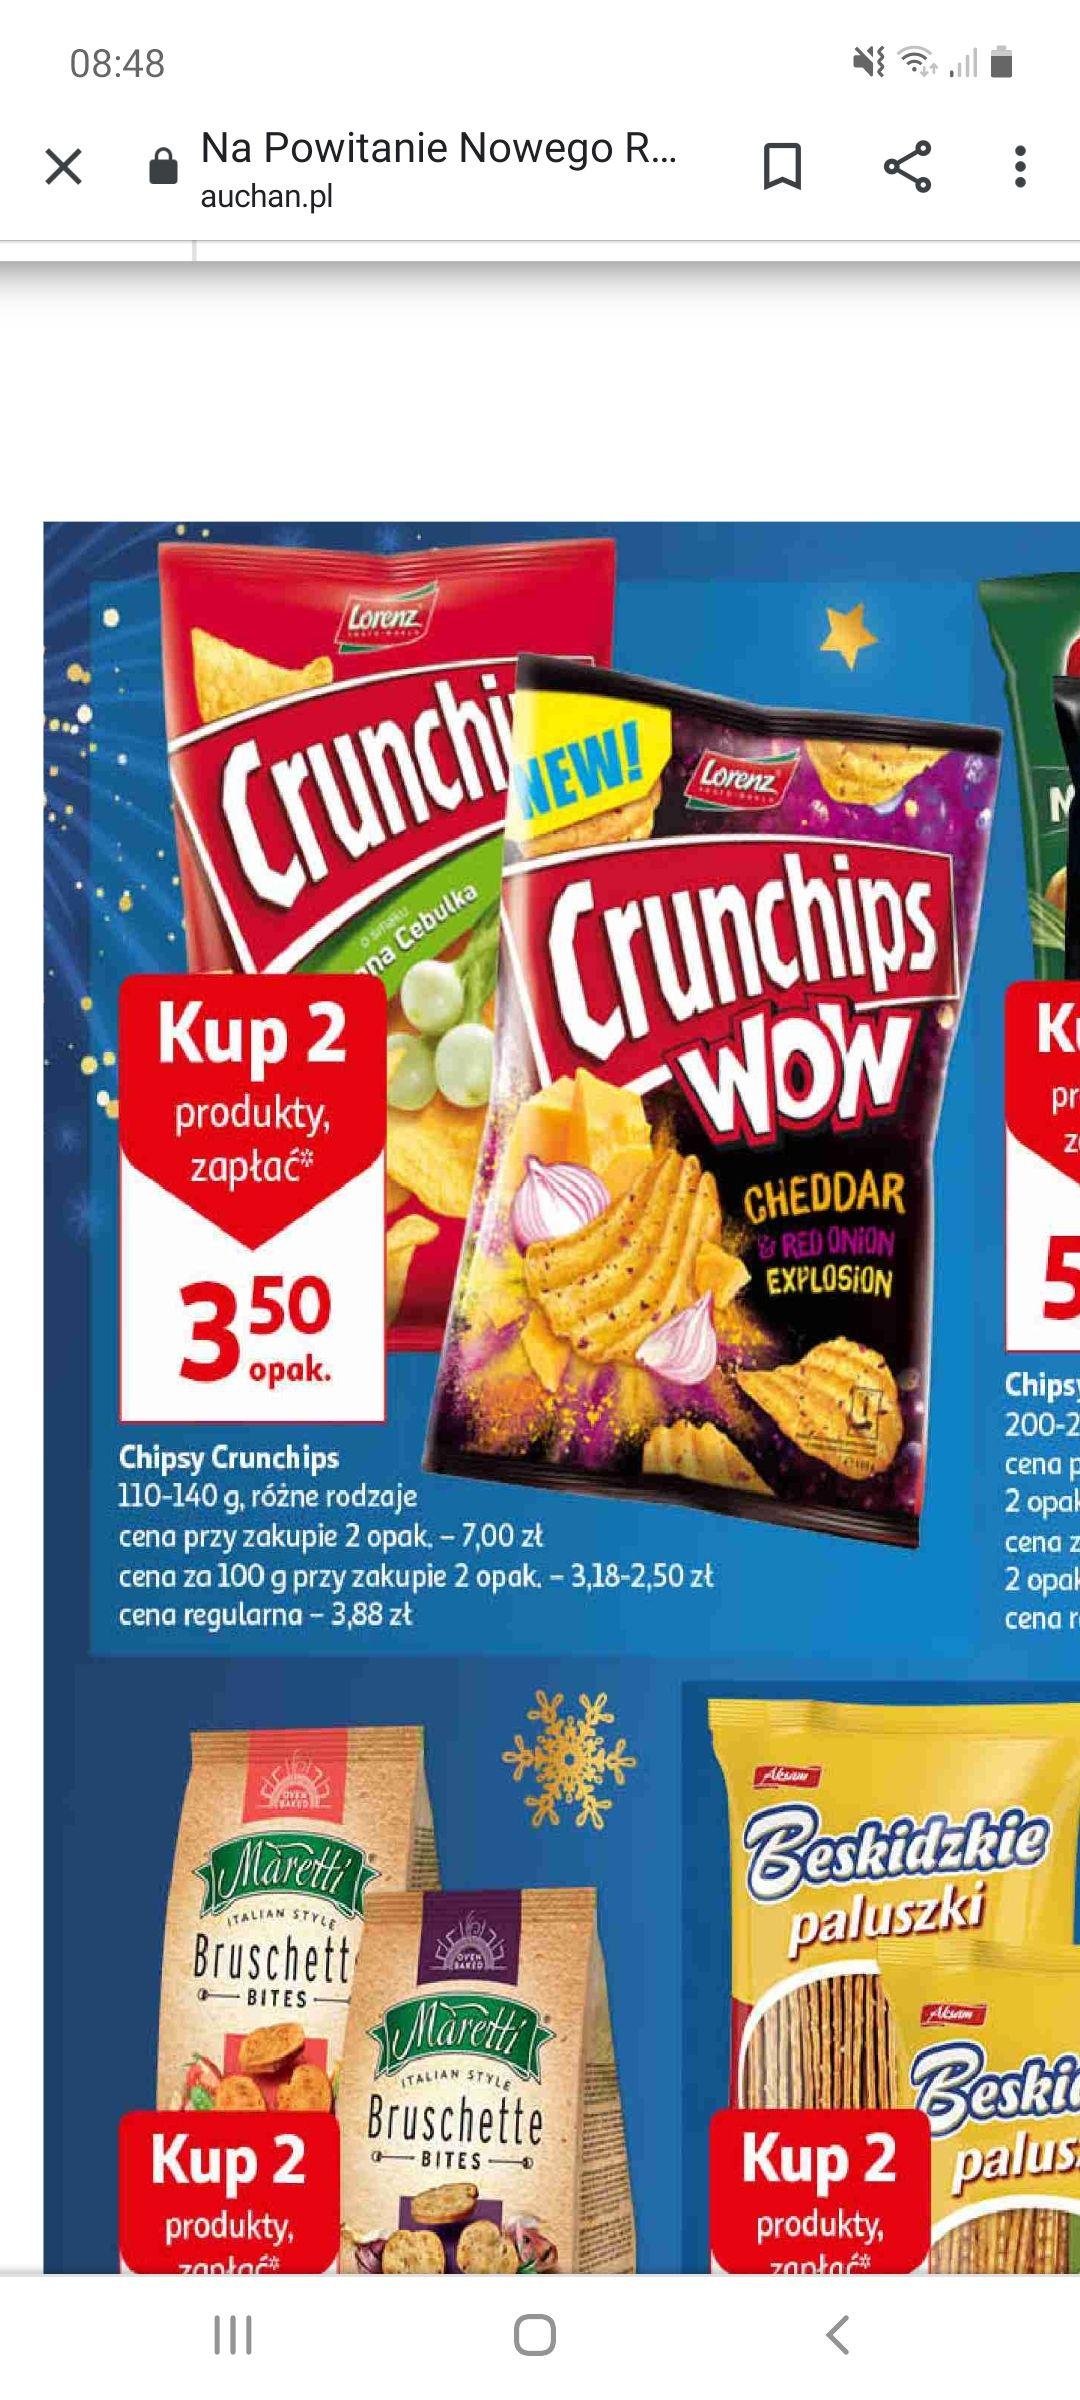 Chipsy Crunchips różne rodzaje przy zakupie dwóch